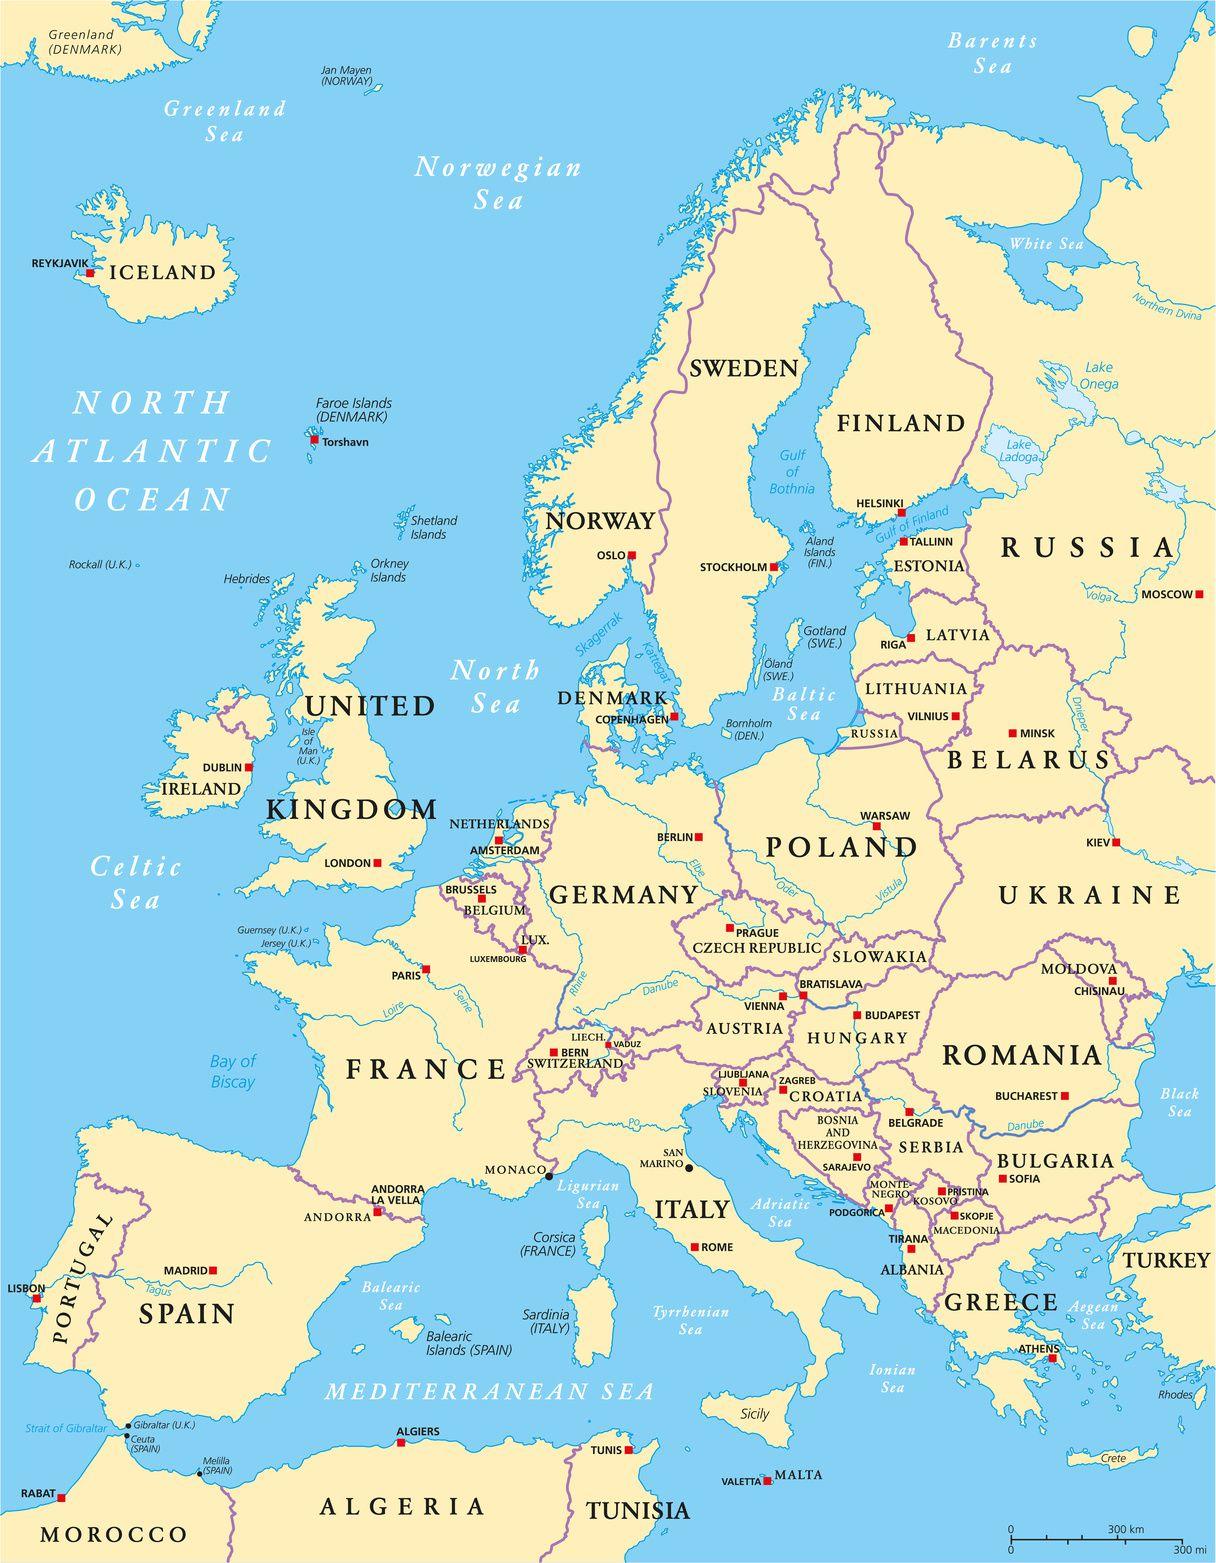 Carte Des Fleuves Du Monde : carte, fleuves, monde, Carte, L'Europe, Cartes, Reliefs,, Villes,, Pays,, Euro,, Vierge...